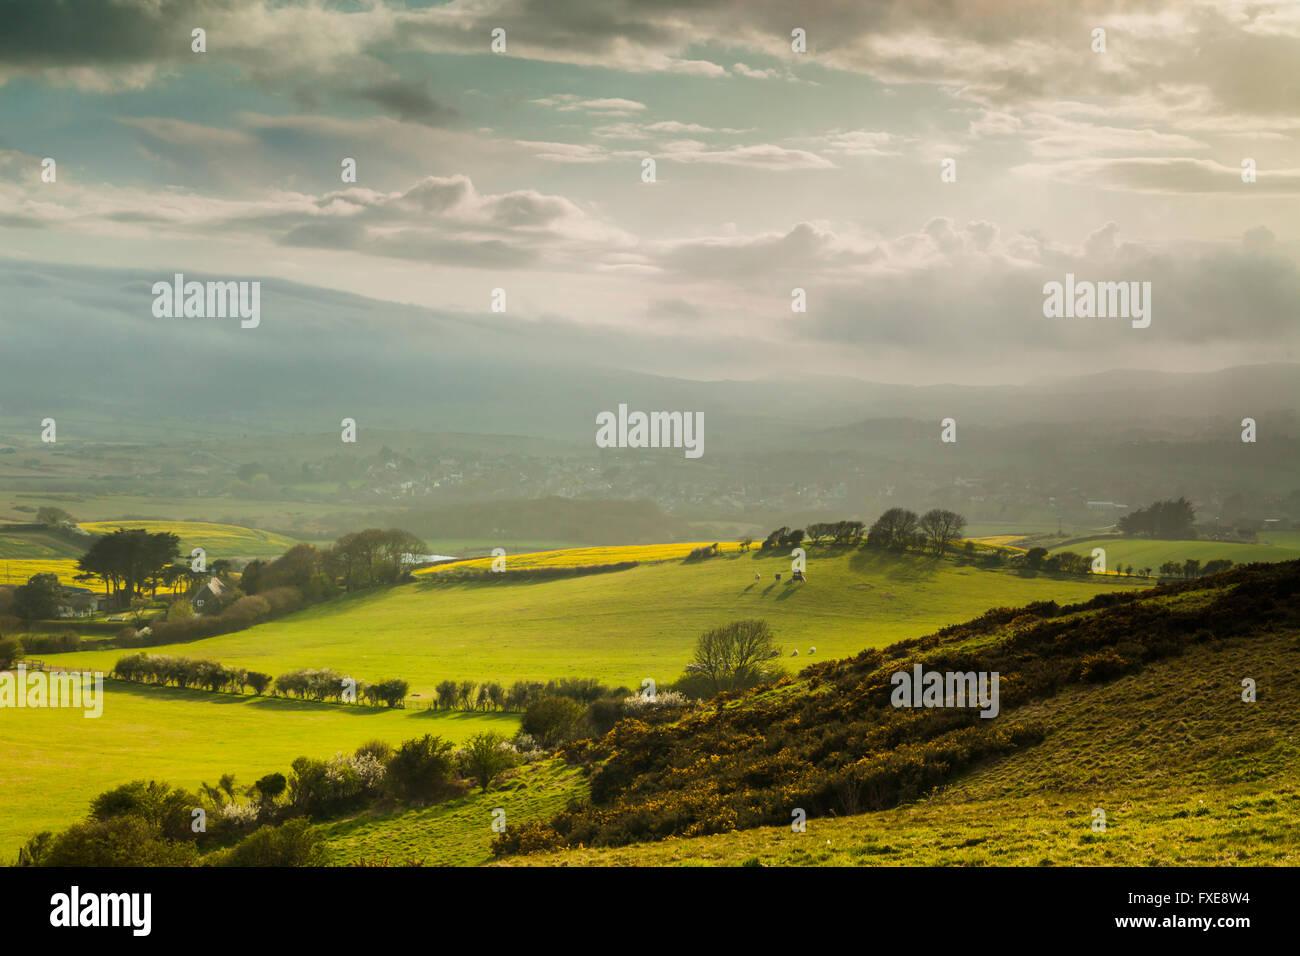 Dorset countryside near Corfe Castle, England. - Stock Image